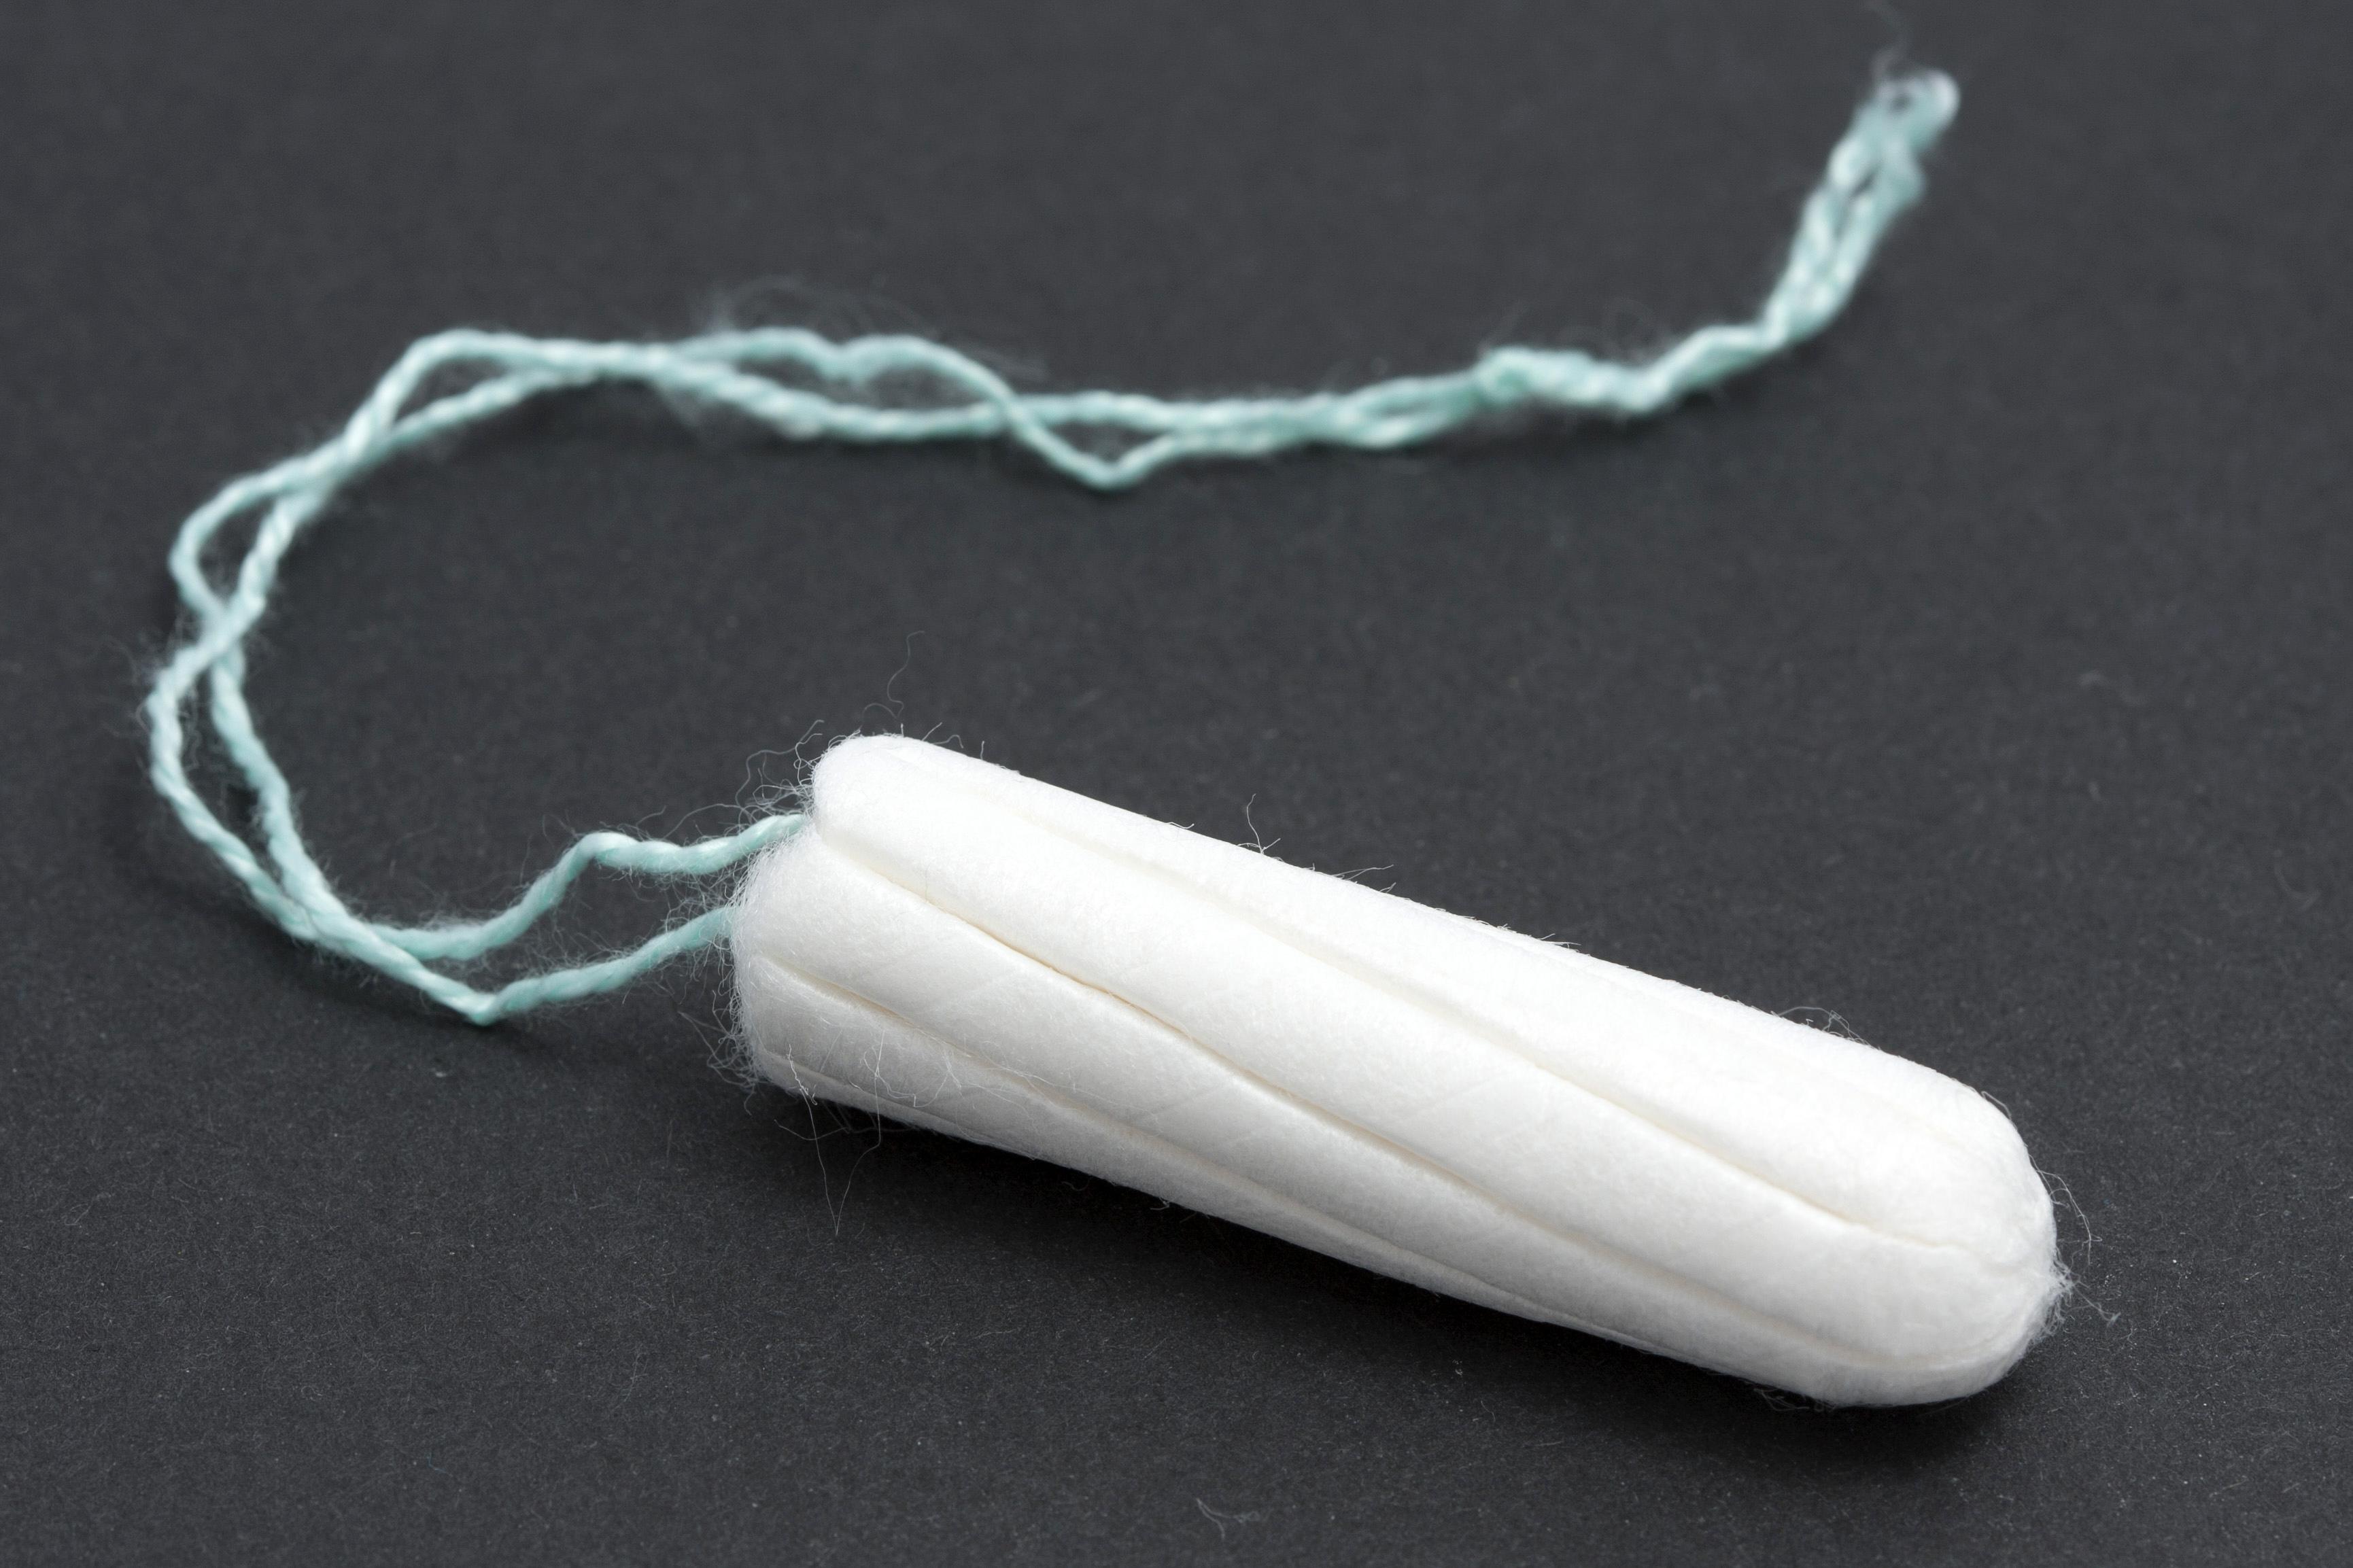 Avoir des relations sexuelles avec un tampon